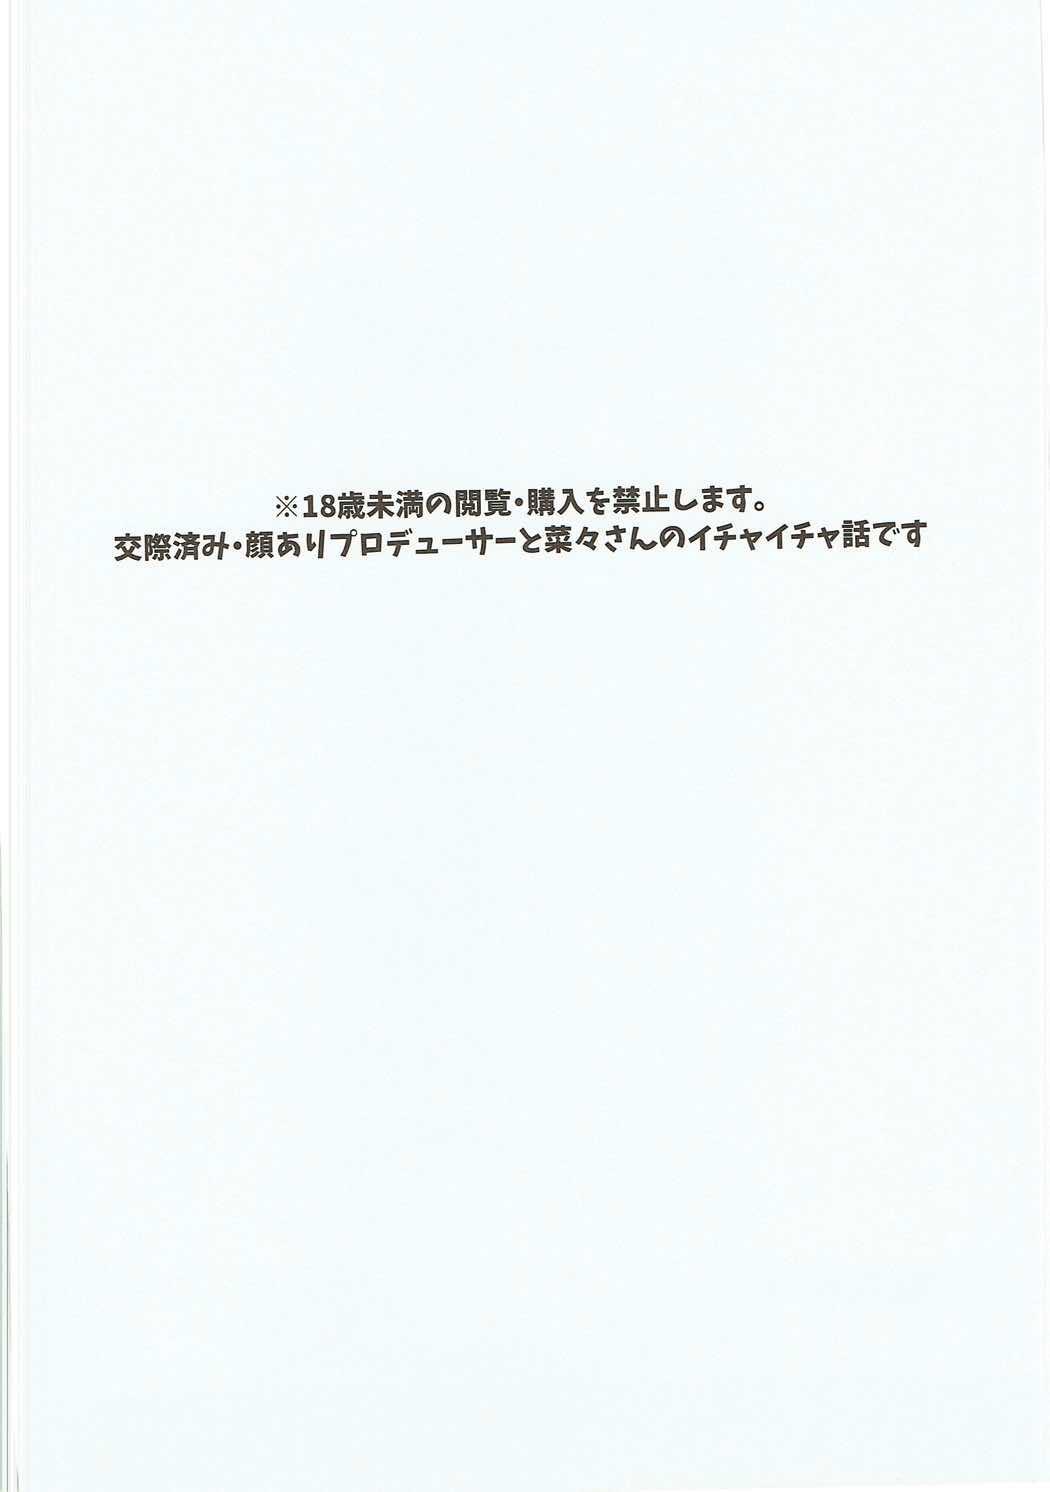 Boku no Nana-san wa Horoyoi Koyoi 3